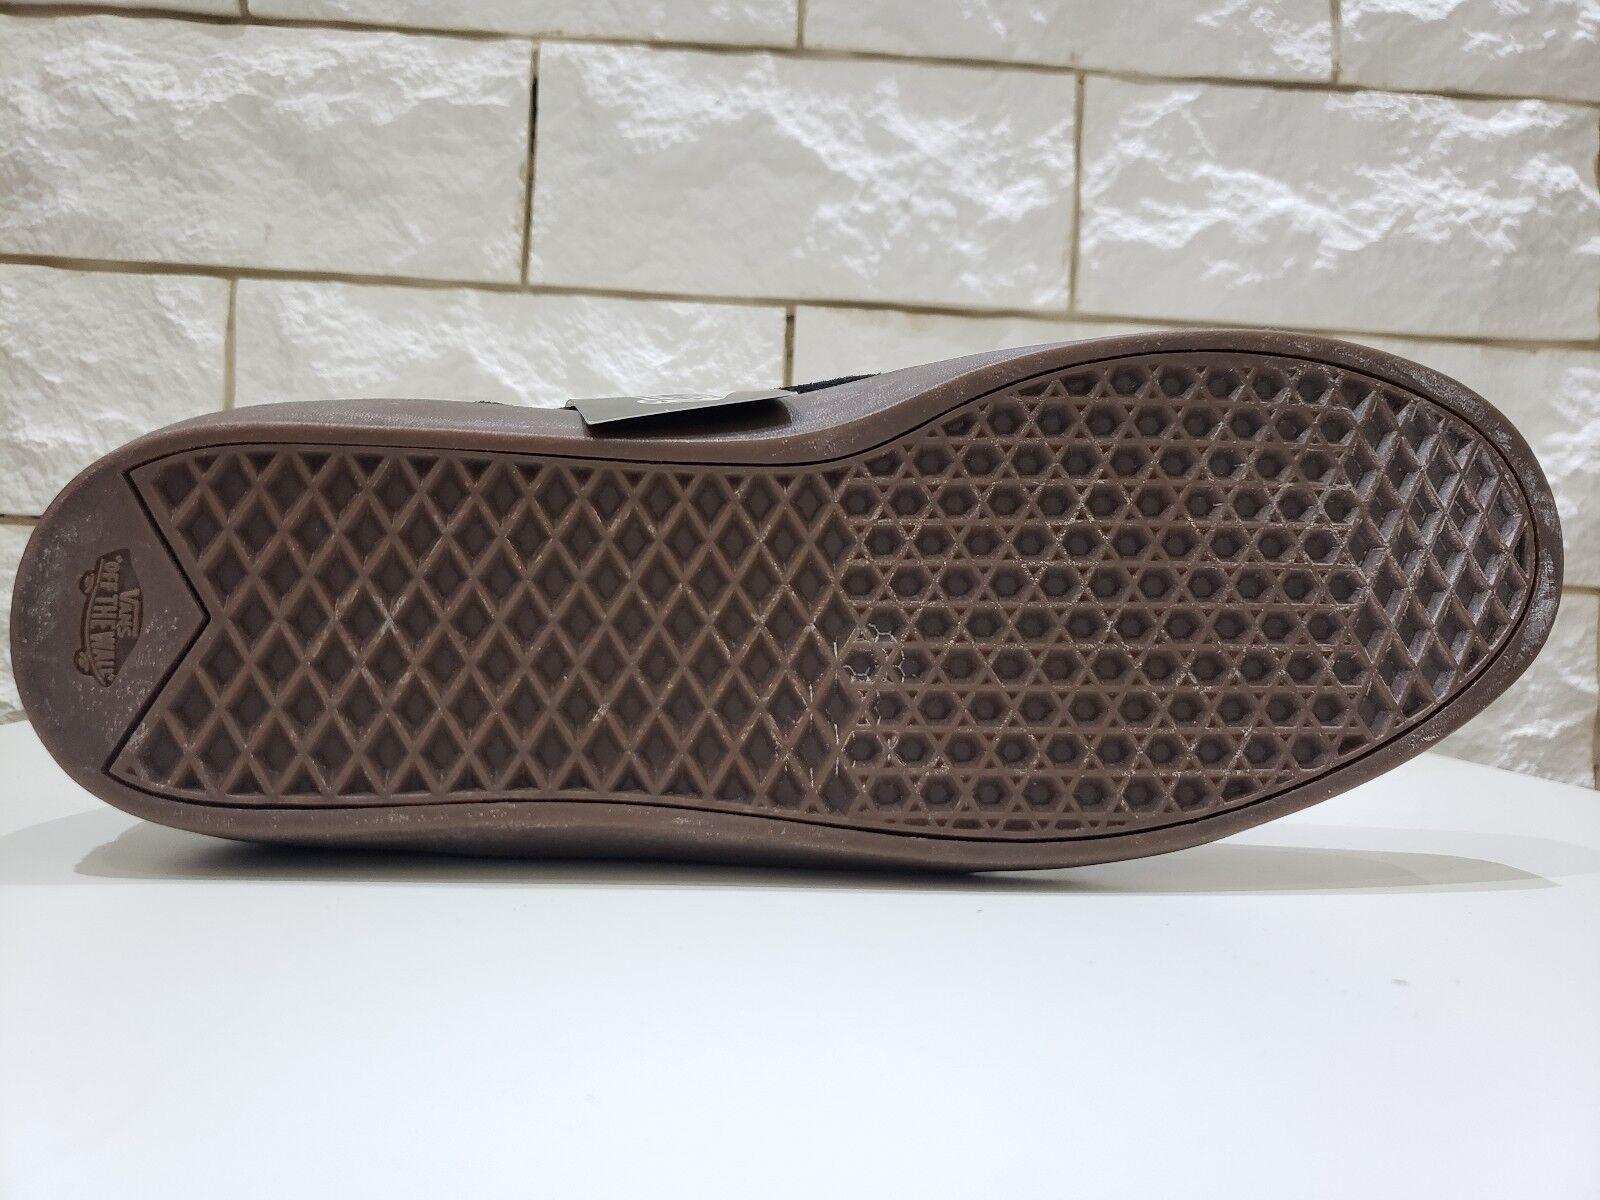 Vans pacquard Top scarpe da ginnastica Skateboard Skateboard Skateboard Classico Sport Tempo Libero Scarpe Da Skate scarpe | Up-to-date Styling  | Uomo/Donna Scarpa  21871d